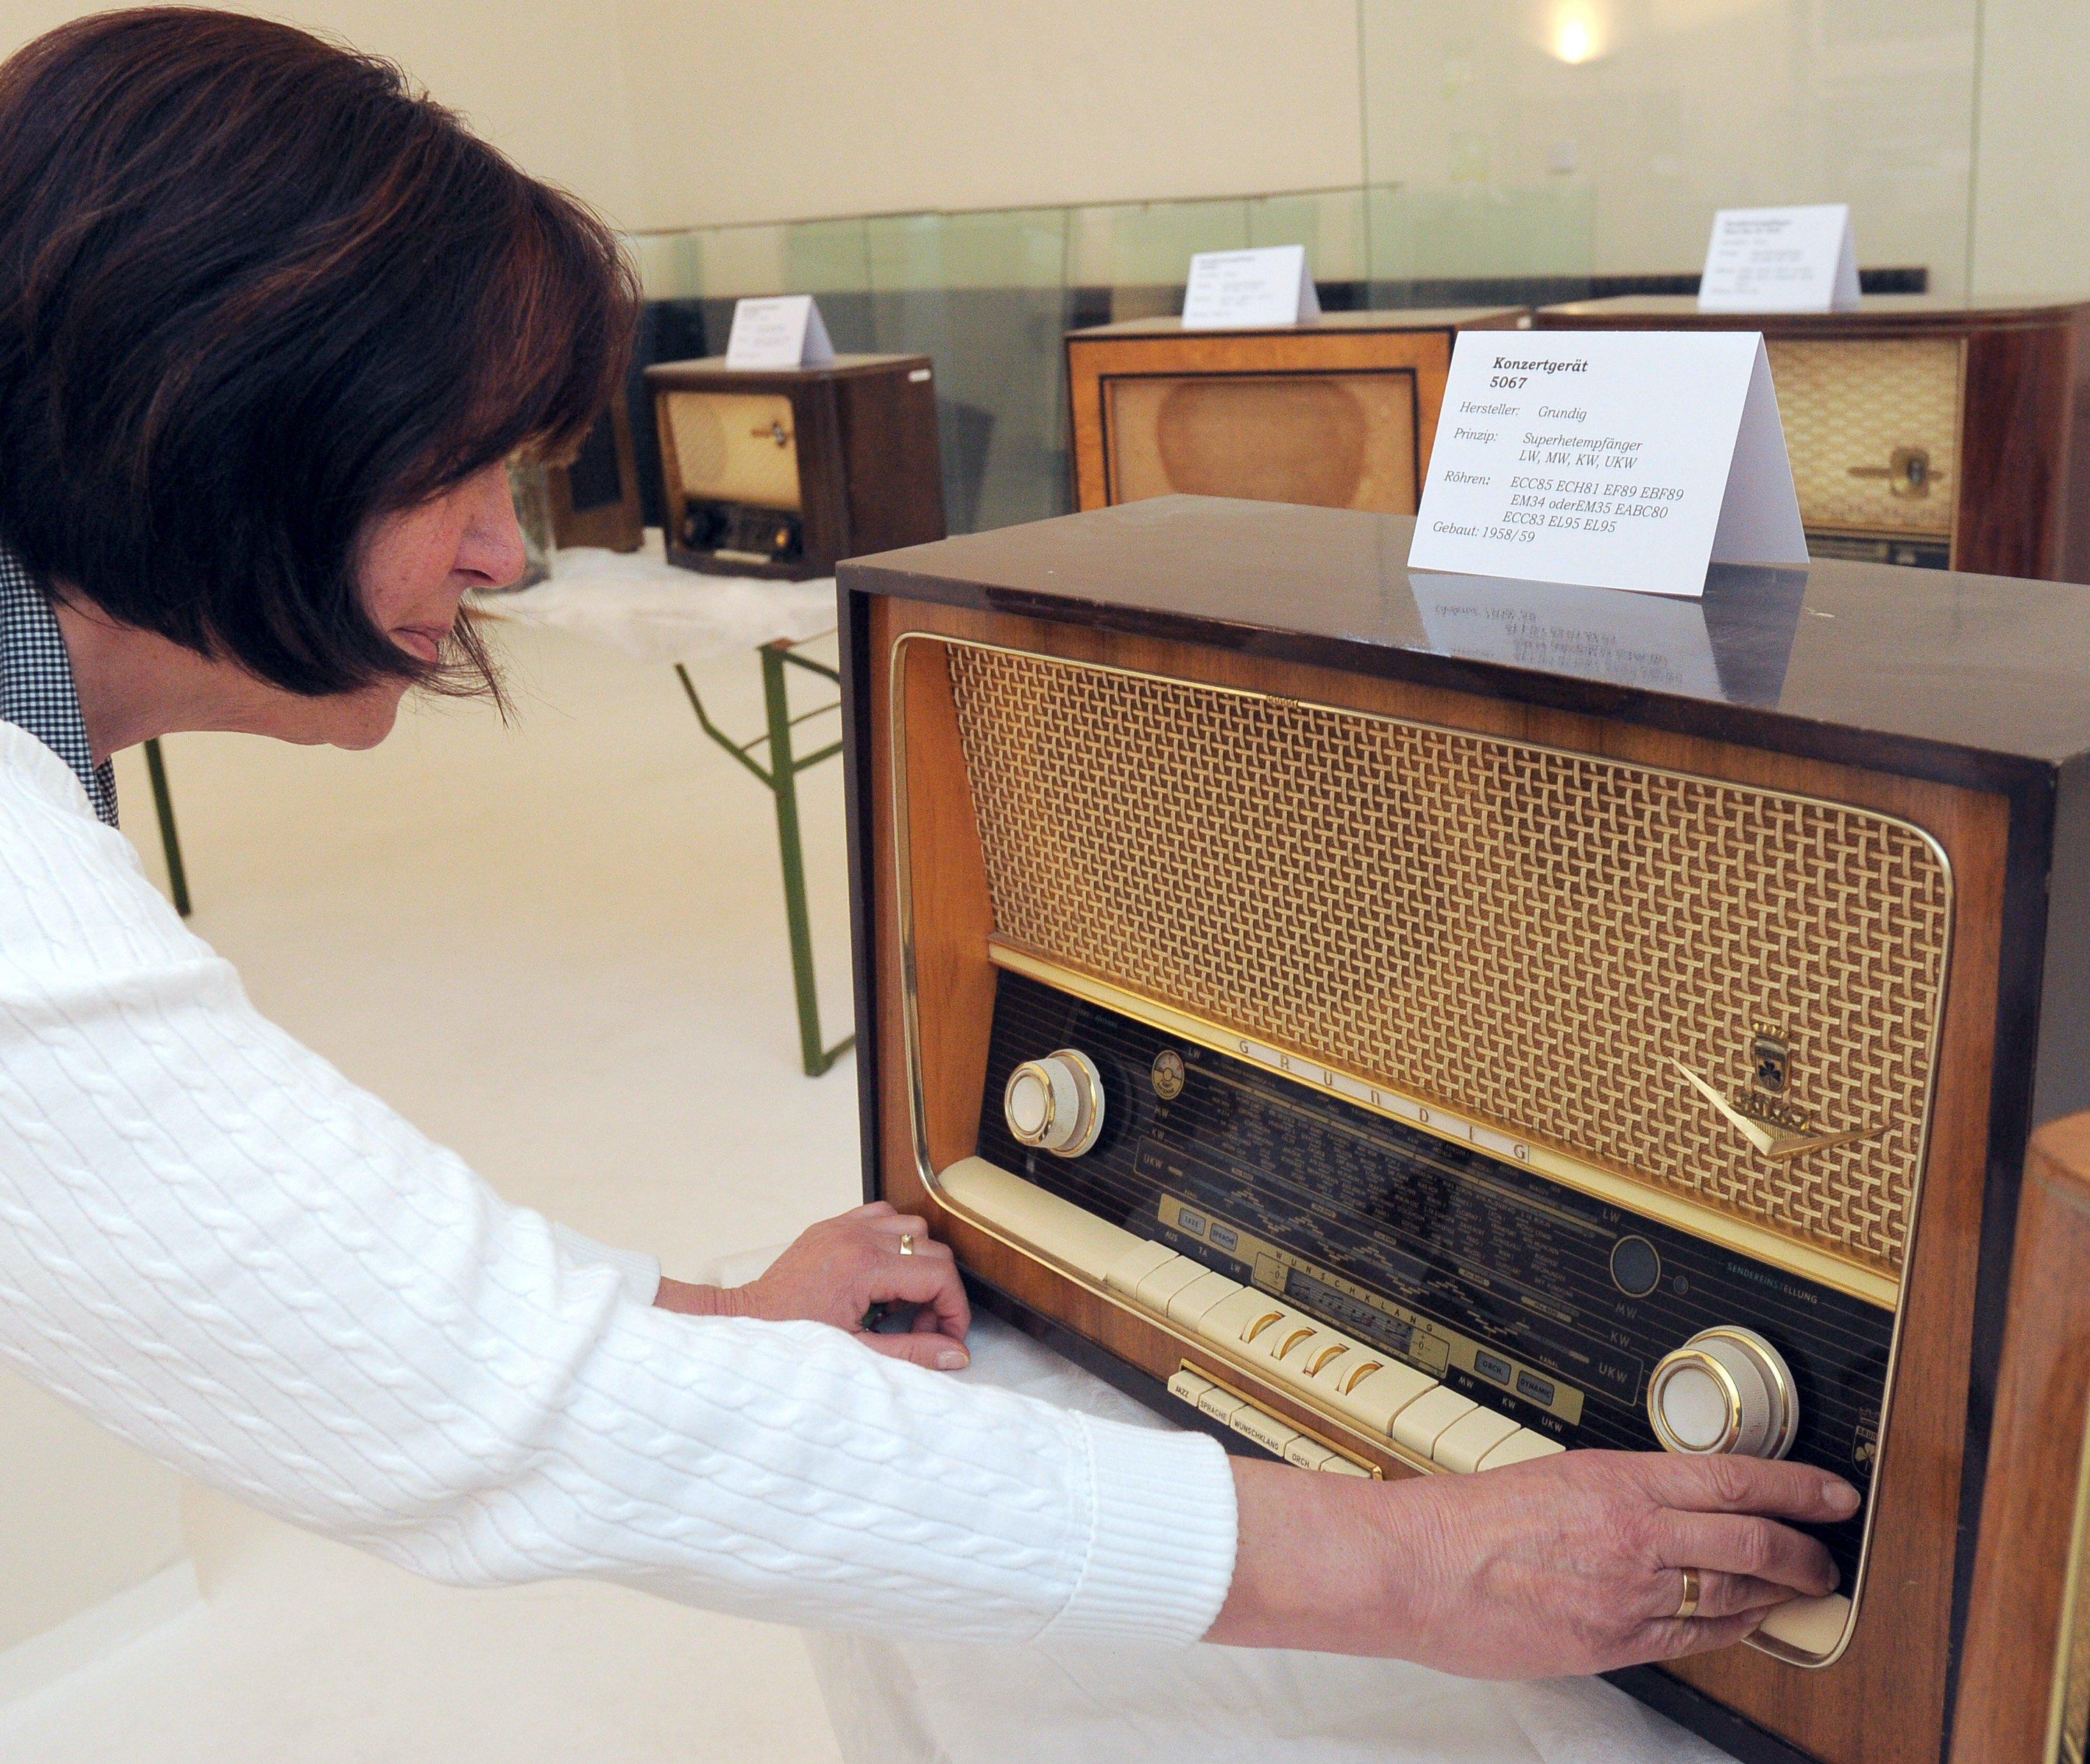 Grundig-Rörenradio im Sendermuseum auf dem Funkerberg in Königs Wusterhausen: Wird UKW abgeschaltet, bleiben die alten Radios stumm, auch wenn die Röhren auf Betriebstemperatur sind. Auf der Mittelwelle gibt es schon heute kein Senderangebot mehr.